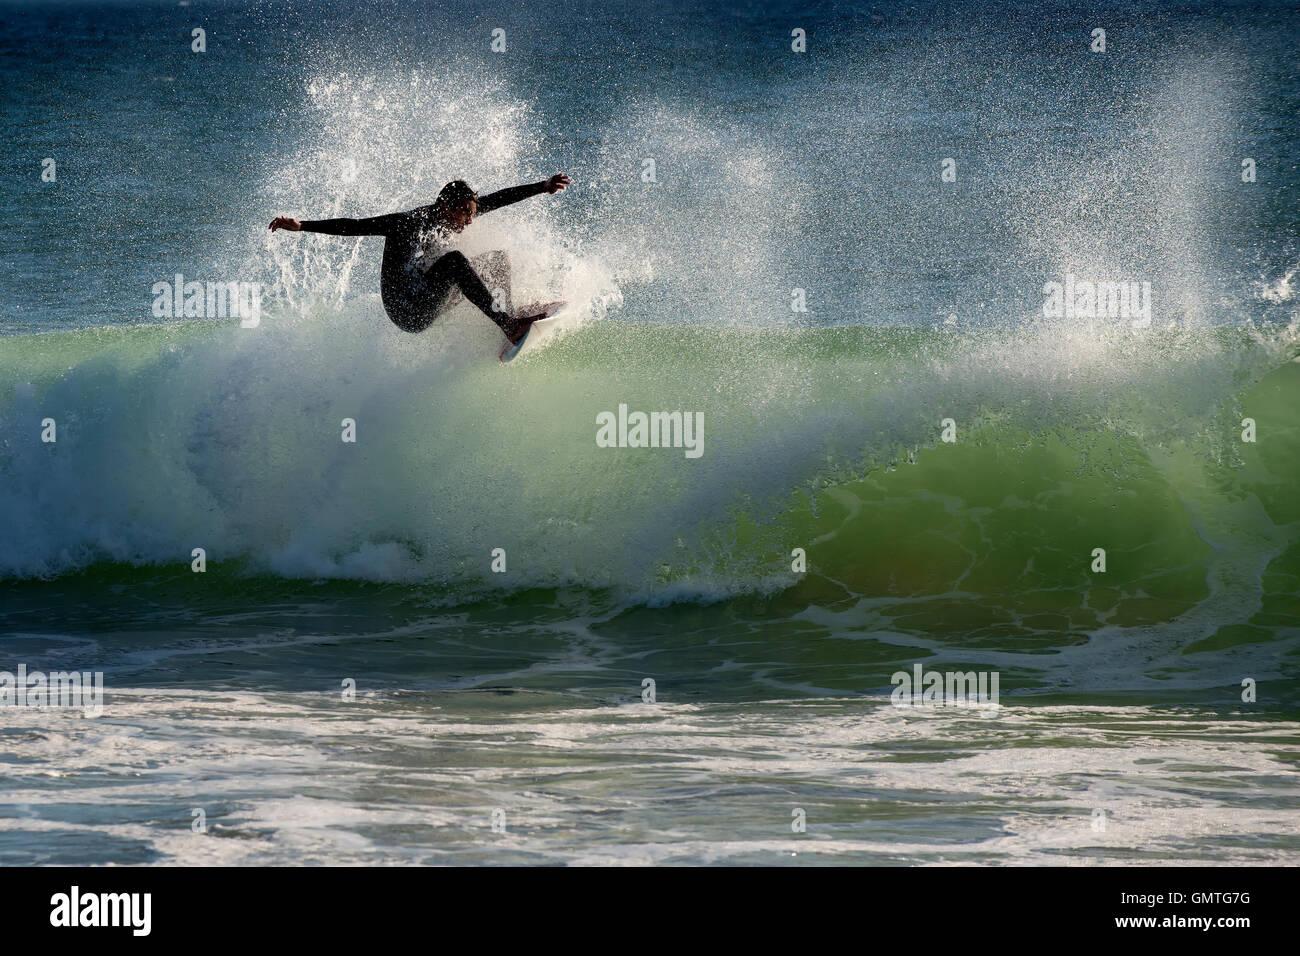 Surfer Sport dramatische Welle Spray grün Meerwasser sonnigen Geschwindigkeit Surfbrett Ozean macht Abenteuer Stockbild